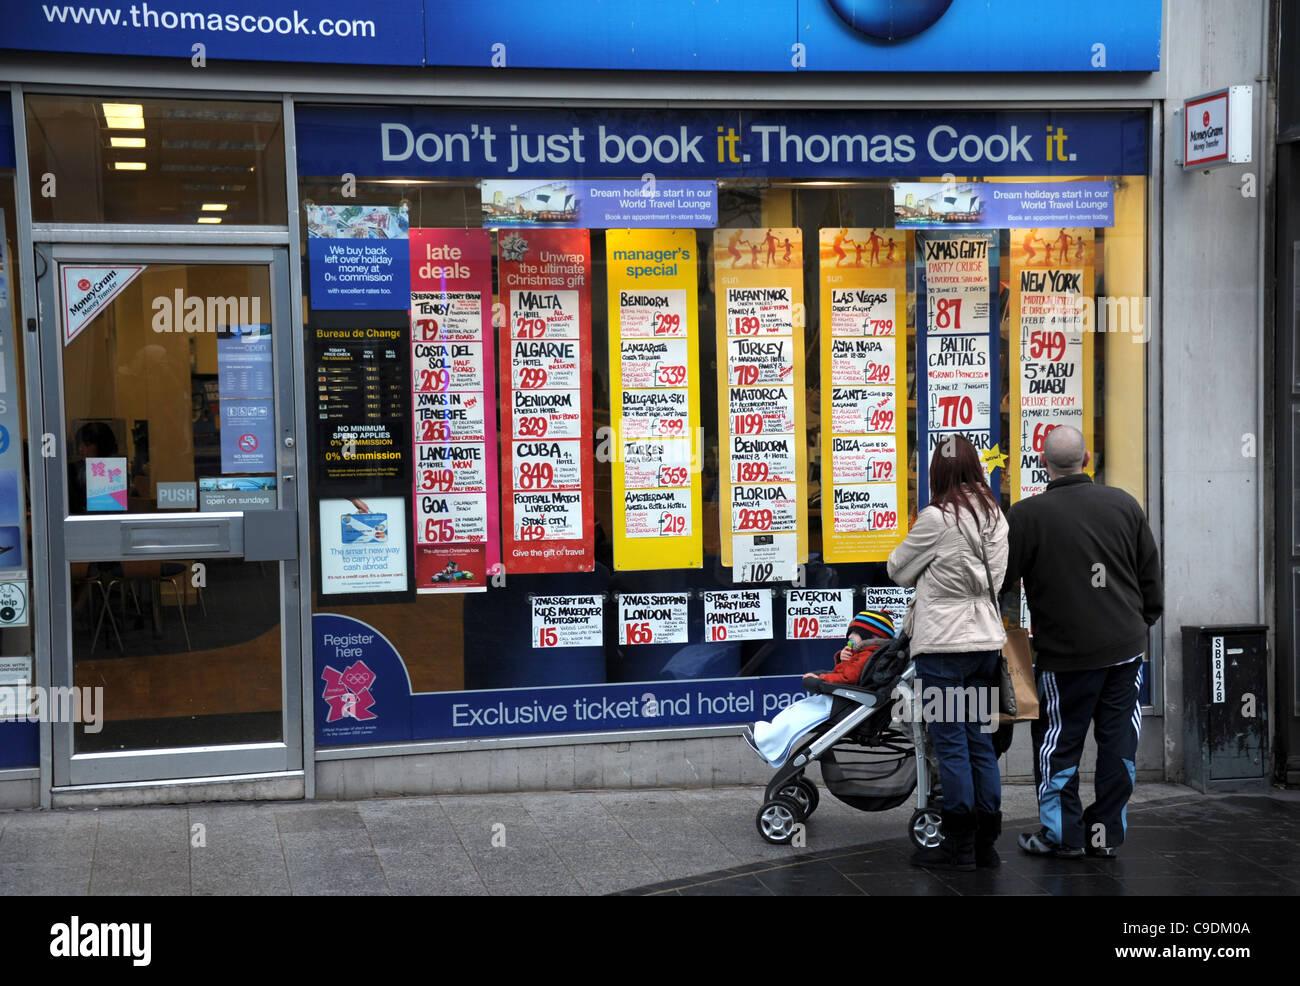 Thomas Cook Agenti di viaggio shop, Gran Bretagna, Regno Unito Immagini Stock